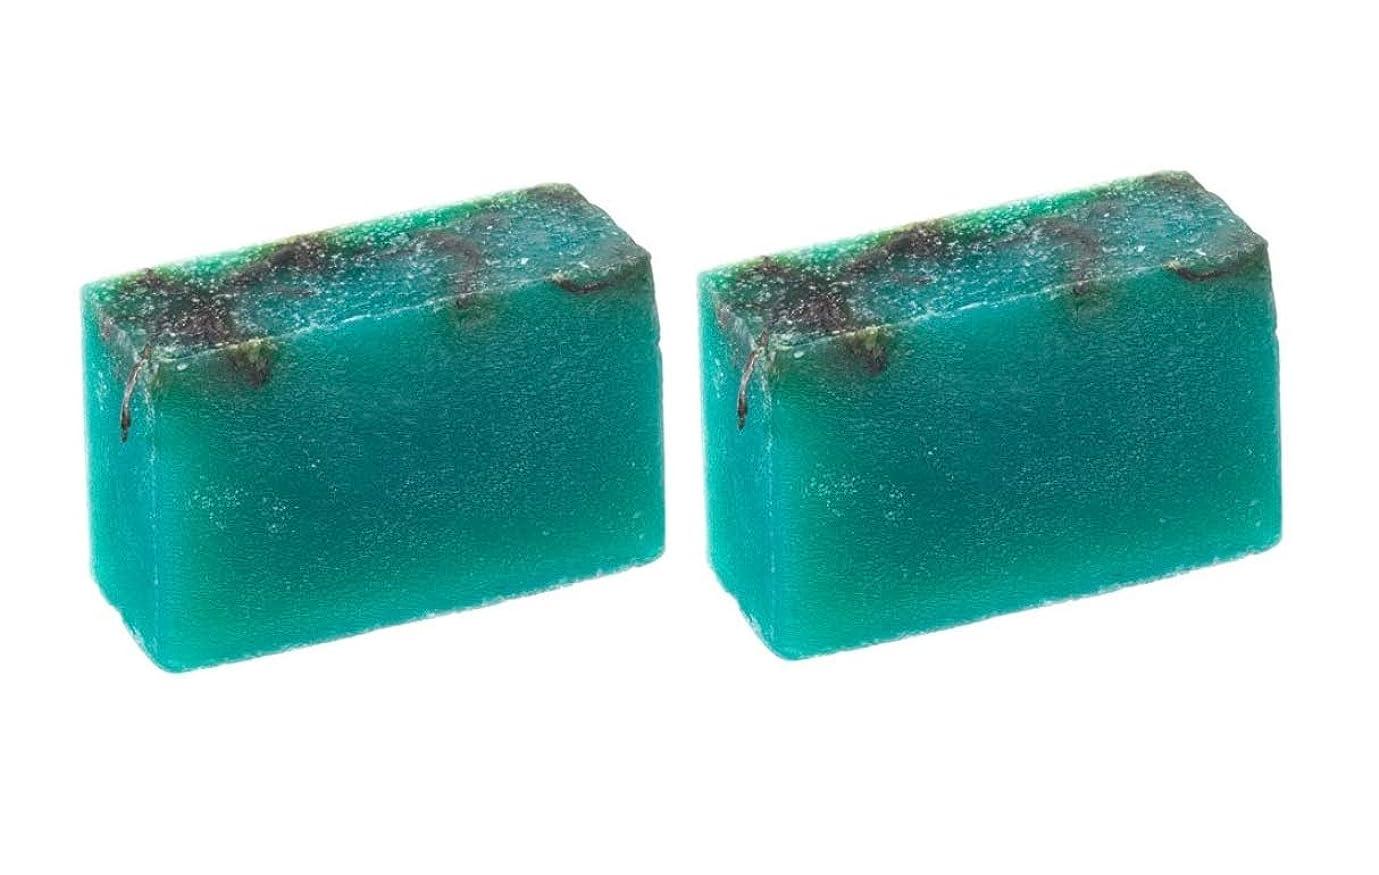 囲む組み込む汚れるLUSH ラッシュ シーベジタブル(100g)×2個セット フレッシュなライムの後にラベンダーの優しい香りソープ